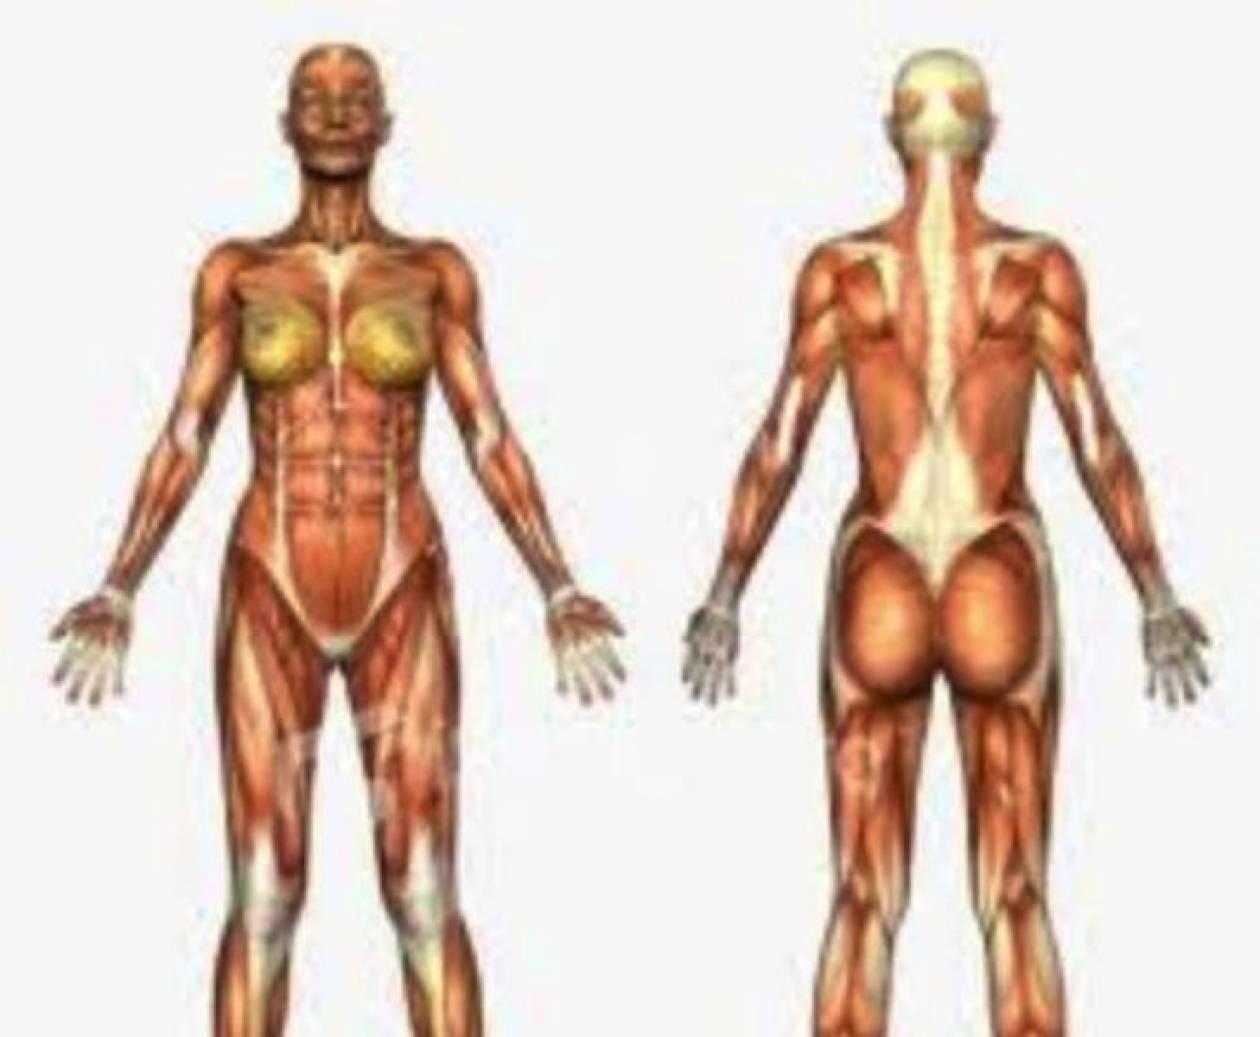 Τι δεν ξέρατε για το ανθρώπινο σώμα